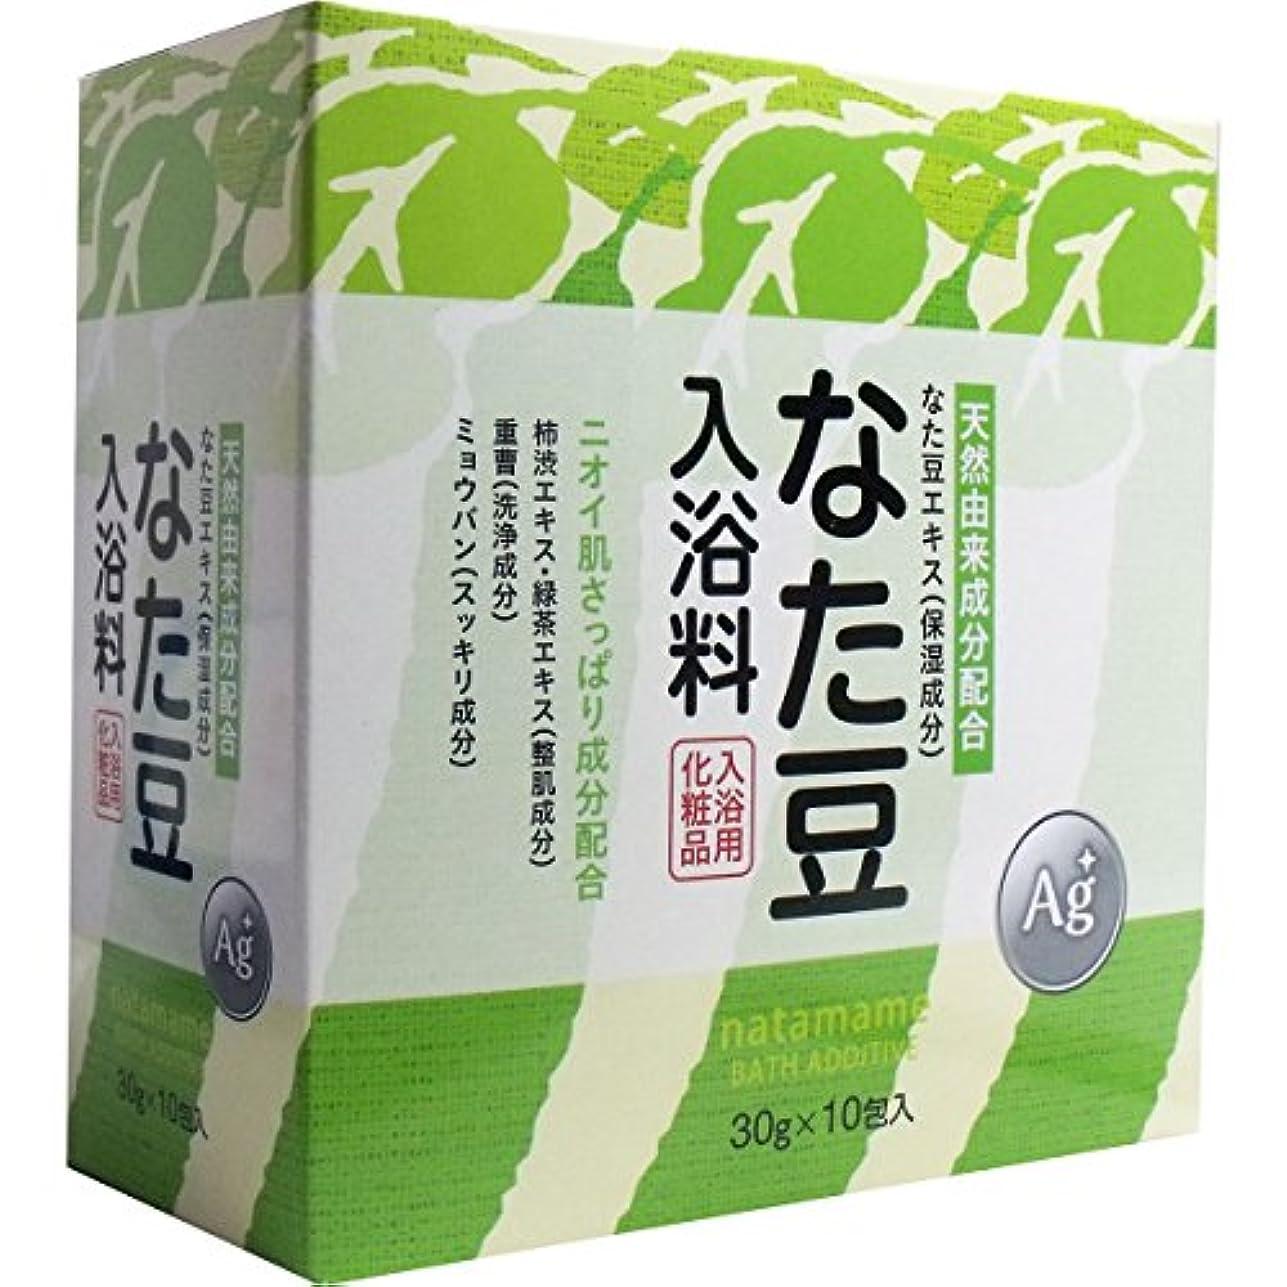 気候適合するノートなた豆入浴料 入浴用化粧品 30g×10包入×8